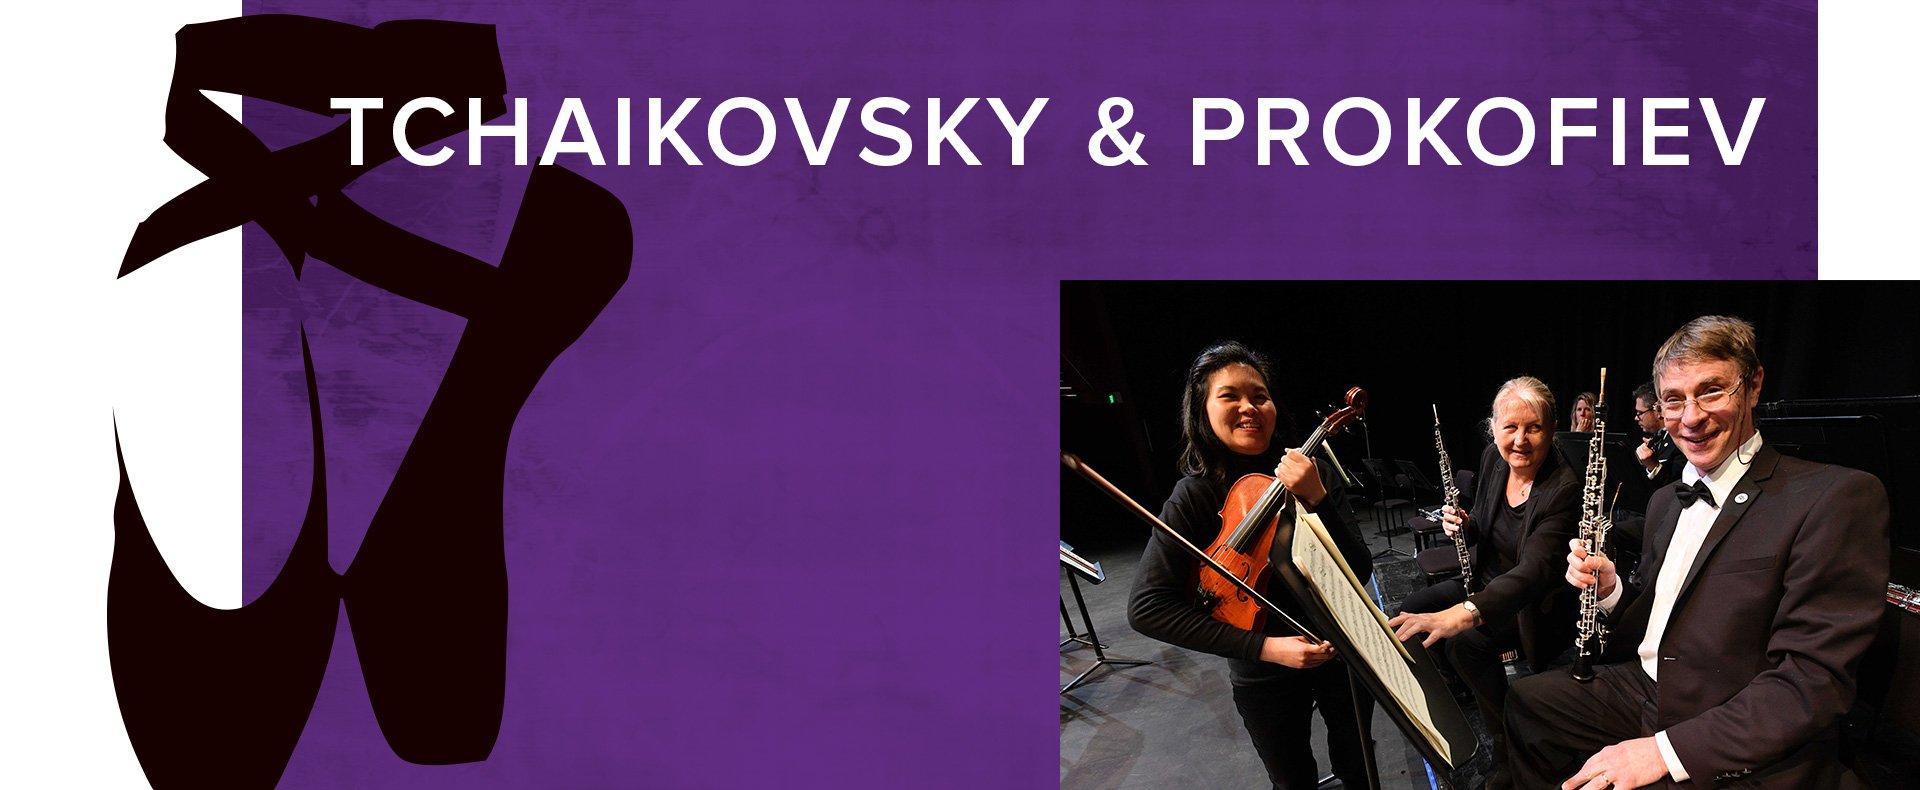 Tchaikovsky & Prokofiev